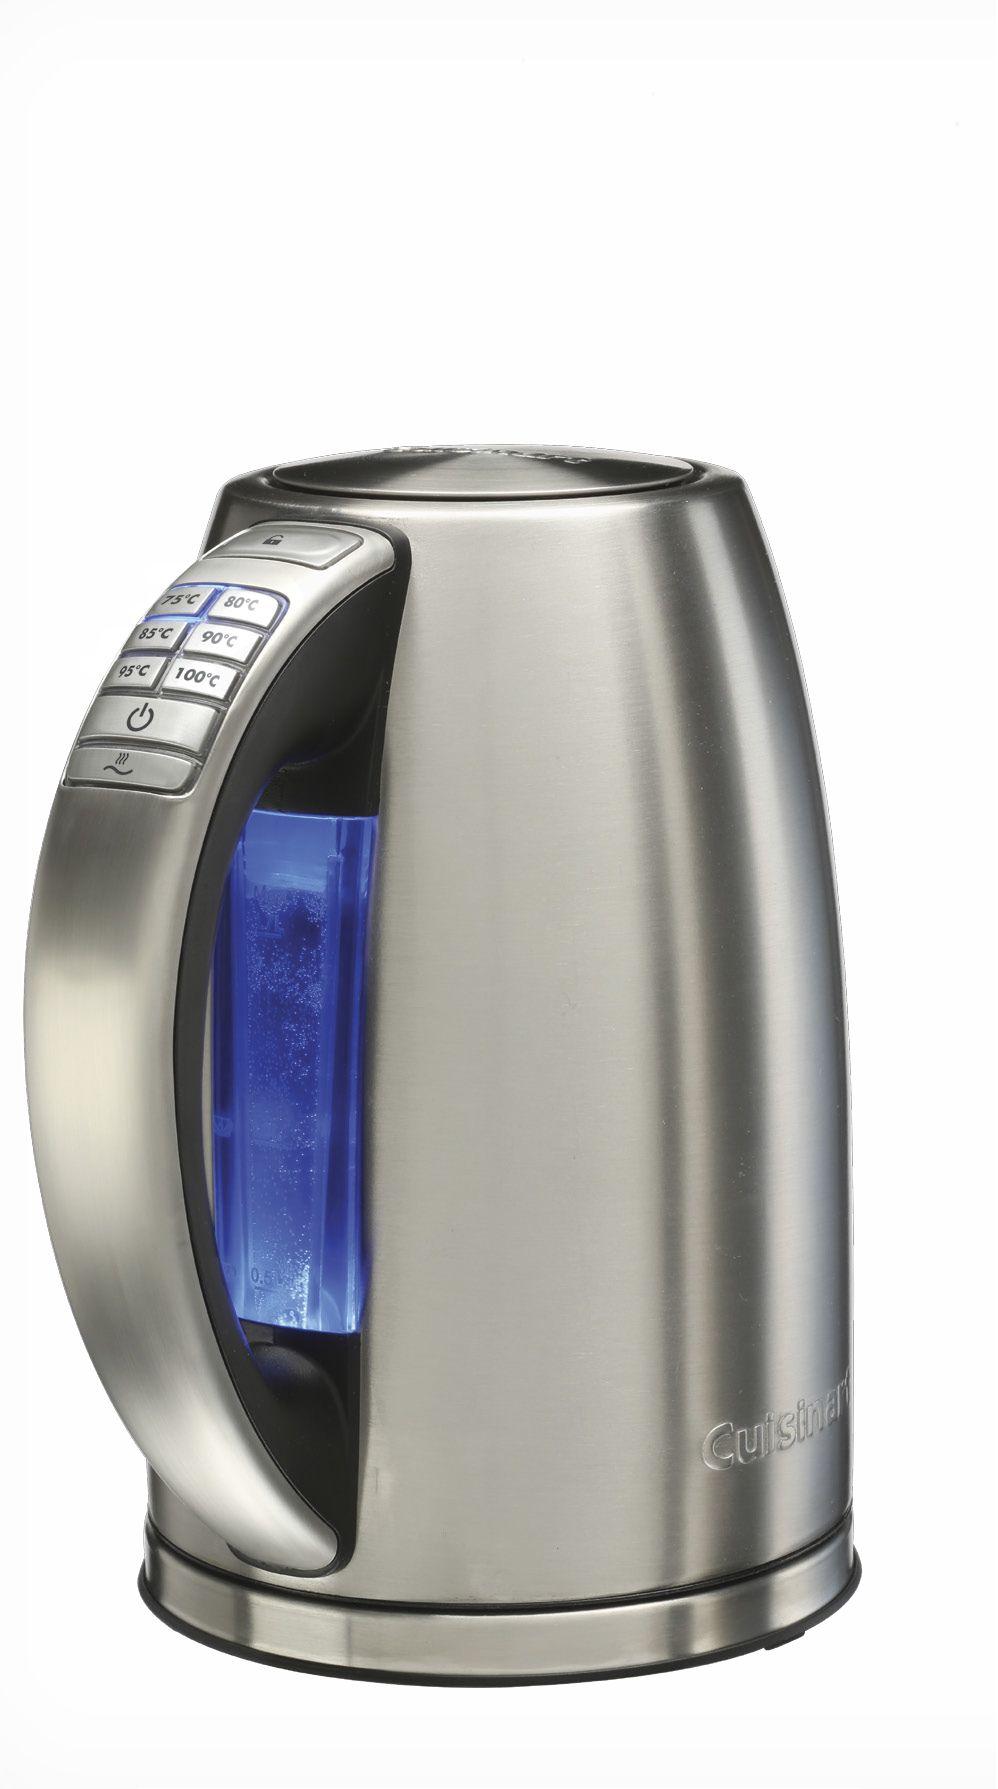 CPK18E - Bouilloire acier brossé, 6 températures, fonction maintien au chaud, capacité de 1,7 litres, 2750W